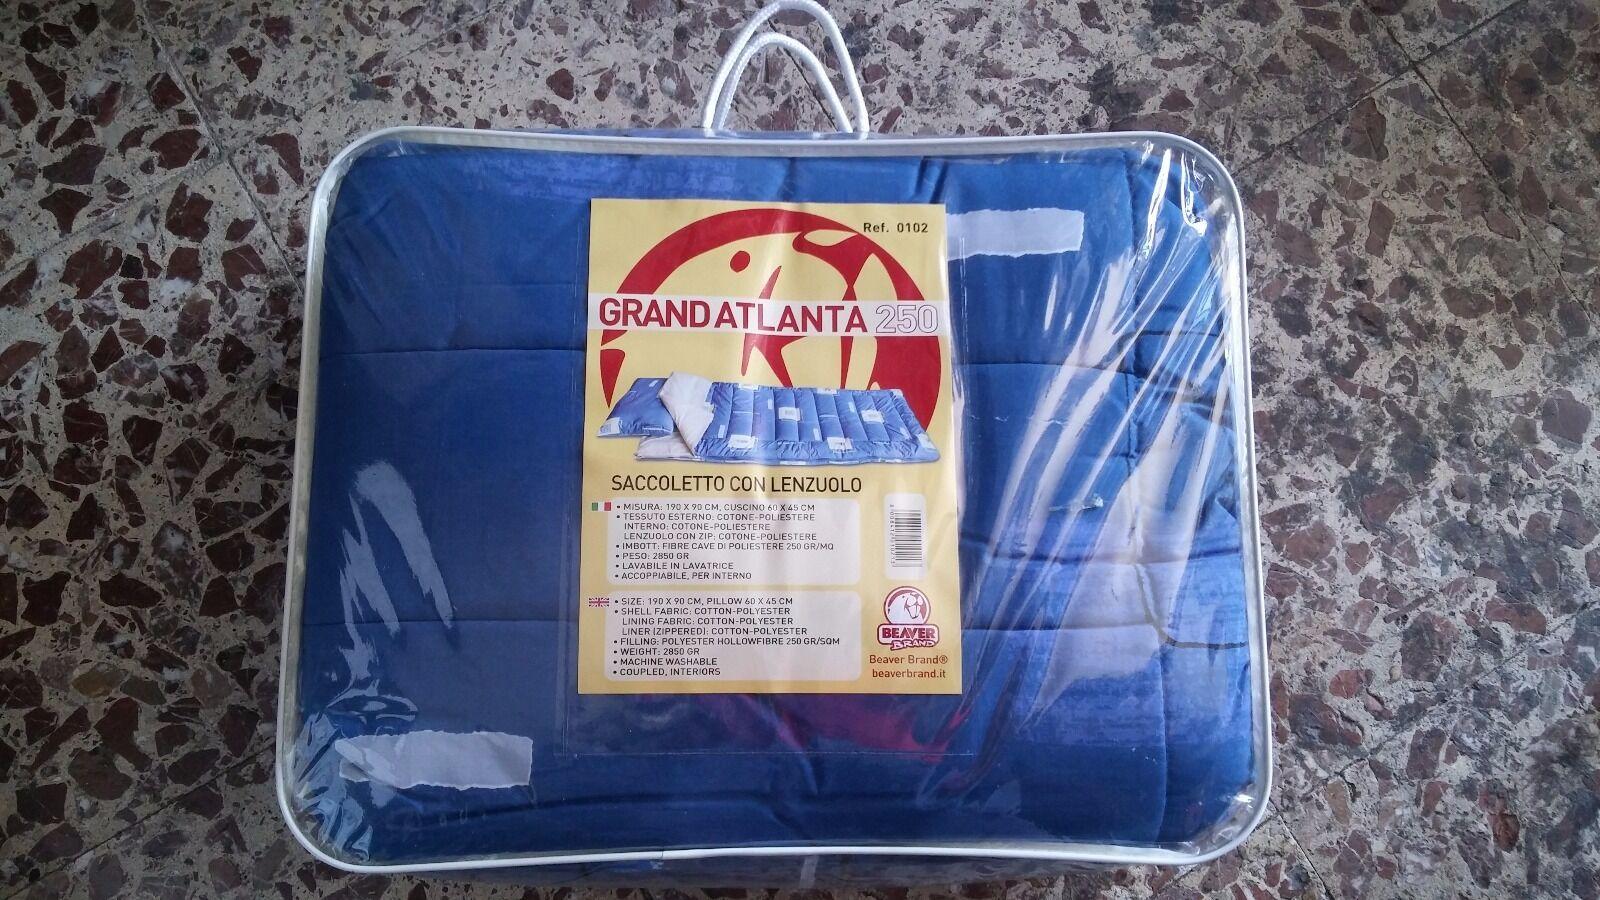 GRAND ATLANTA 250 BEAVER BRAND Saccoletto con lenzuolo (190 X 90)